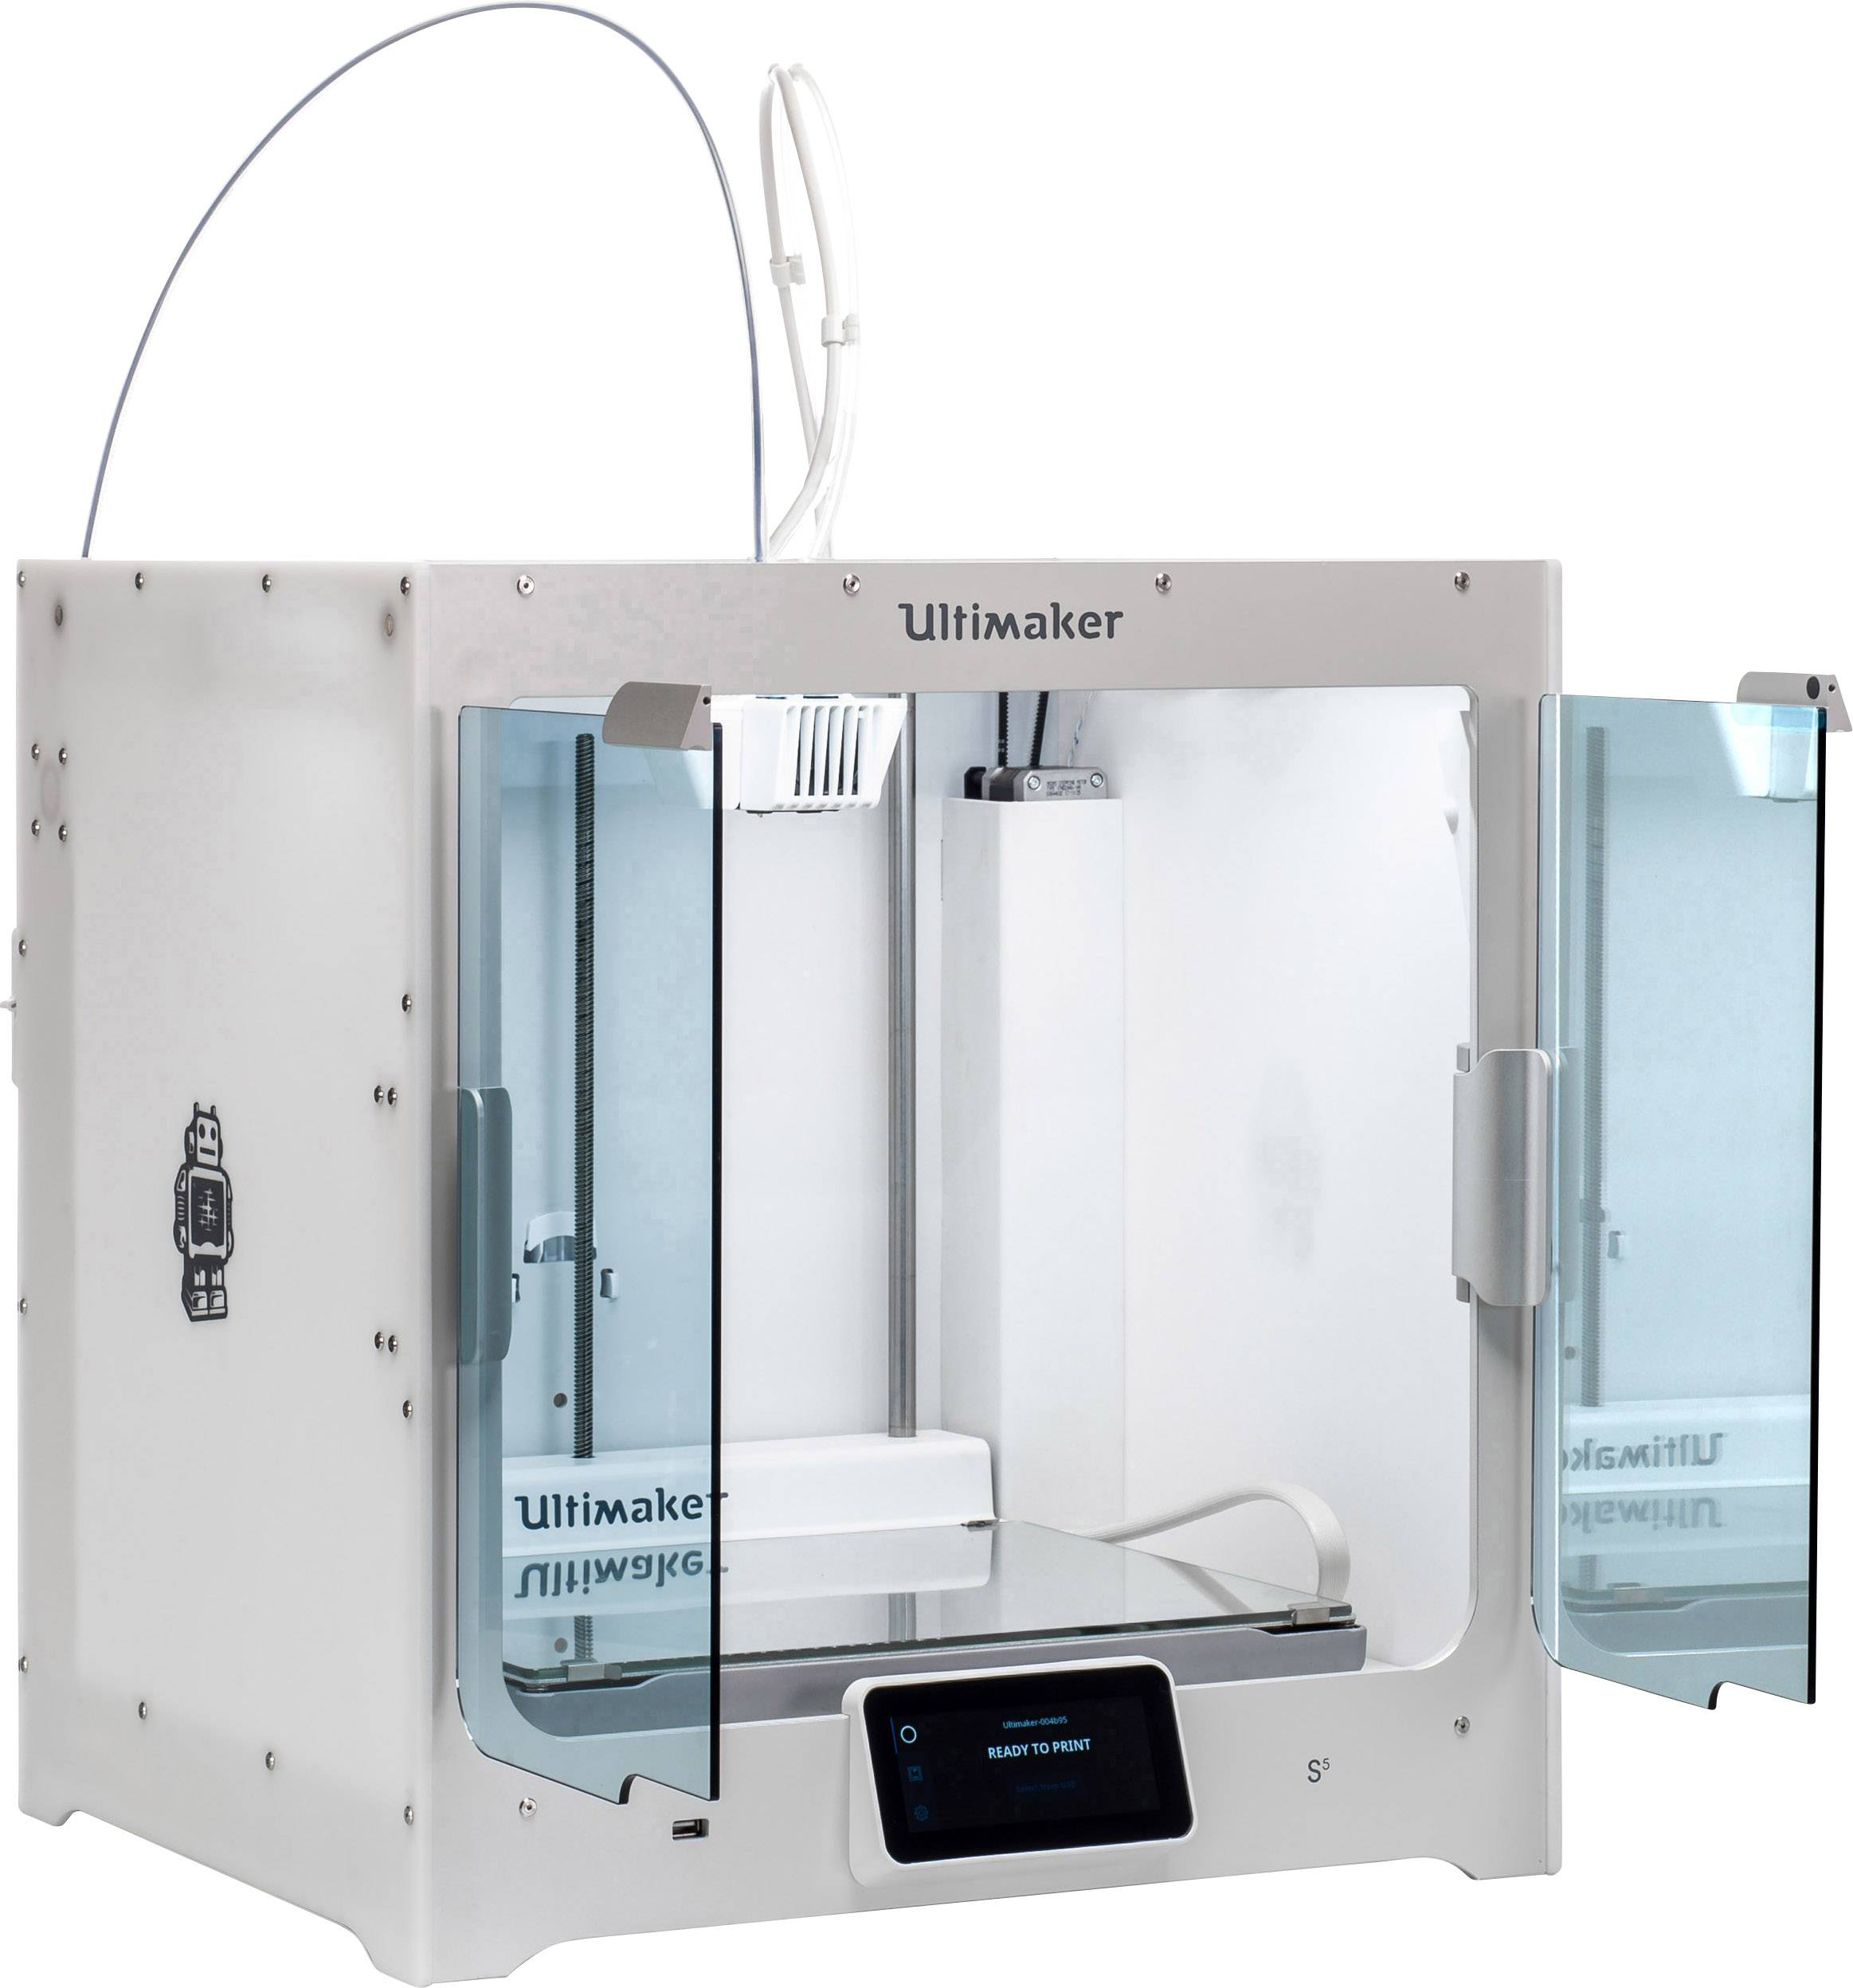 3D tiskárna Ultimaker S5 systém dvojitých trysek (duální extrudér)